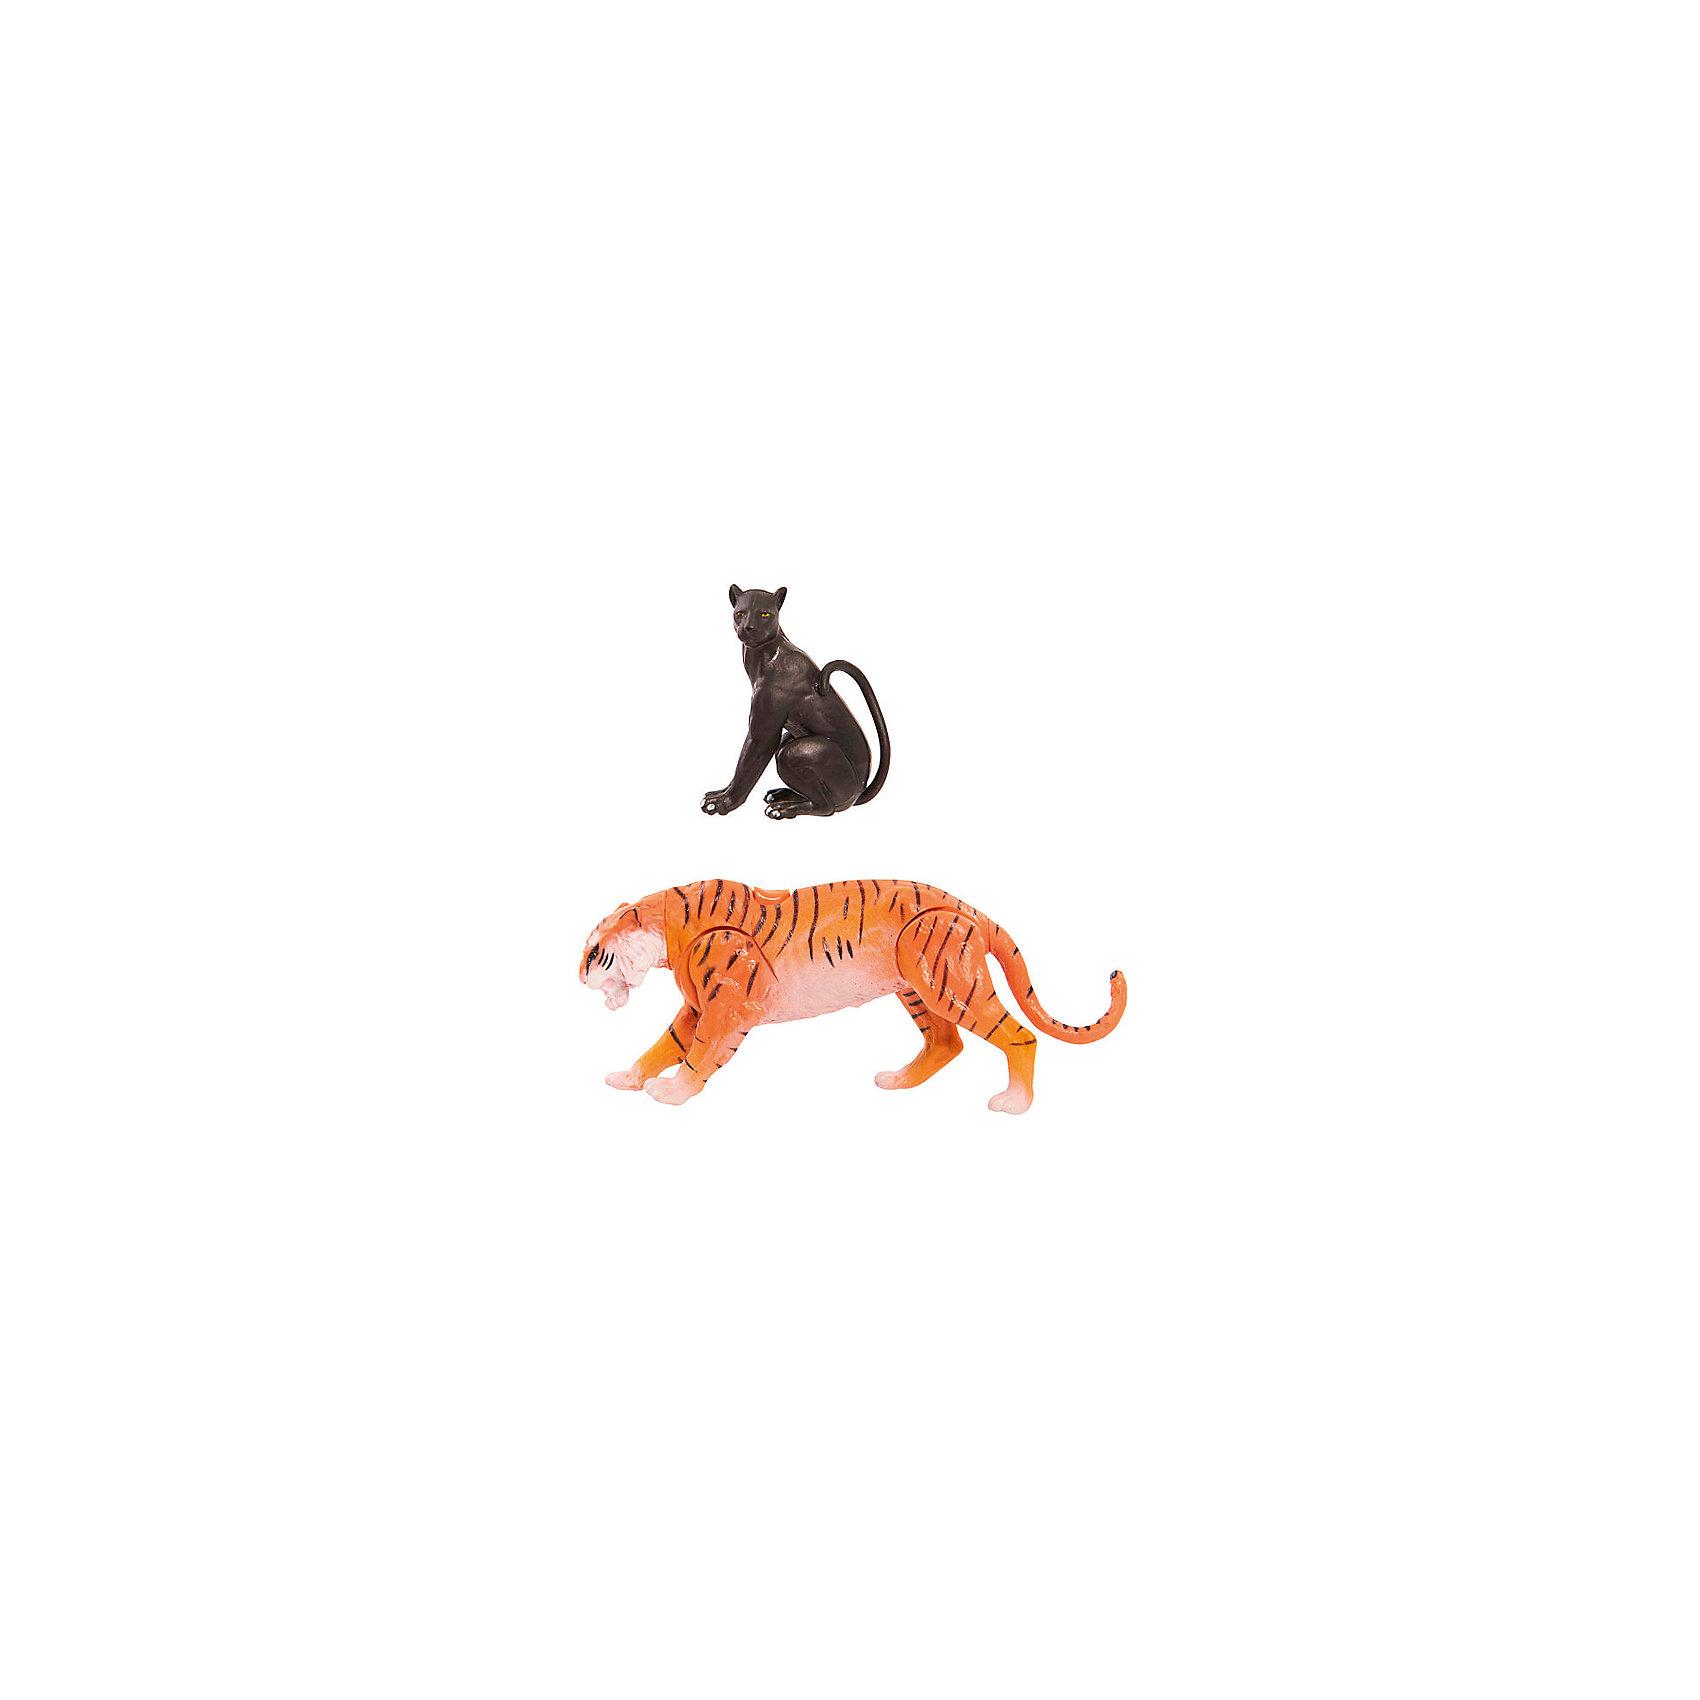 Фигурки Книга Джунглей - Шерхан и БагираХарактеристики товара:<br><br>- цвет: разноцветный;<br>- материал: пластик;<br>- размер упаковки: 20х8х21см;<br>- вес: 230 г;<br>- комплект: 2 фигурки.<br><br>Играть с фигурками из любимого фильма - вдвойне интереснее! Фигурки героев Книги Джунглей очень красивые, они хорошо детализированы. Каждая фигурка отлично выполнена, поэтому она станет желанным подарком для ребенка. Такое изделие отлично тренирует у ребенка разные навыки: играя с фигурками, ребенок развивает мелкую моторику, цветовосприятие, внимание, воображение и творческое мышление. В наборе - 2 фигурки.<br>Из этих фигурок можно собрать целую коллекцию! Изделие произведено из высококачественного материала, безопасного для детей.<br><br>Игрушку Тигр от бренда Jungle Book можно купить в нашем интернет-магазине.<br><br>Ширина мм: 210<br>Глубина мм: 200<br>Высота мм: 80<br>Вес г: 230<br>Возраст от месяцев: 36<br>Возраст до месяцев: 2147483647<br>Пол: Унисекс<br>Возраст: Детский<br>SKU: 5140206